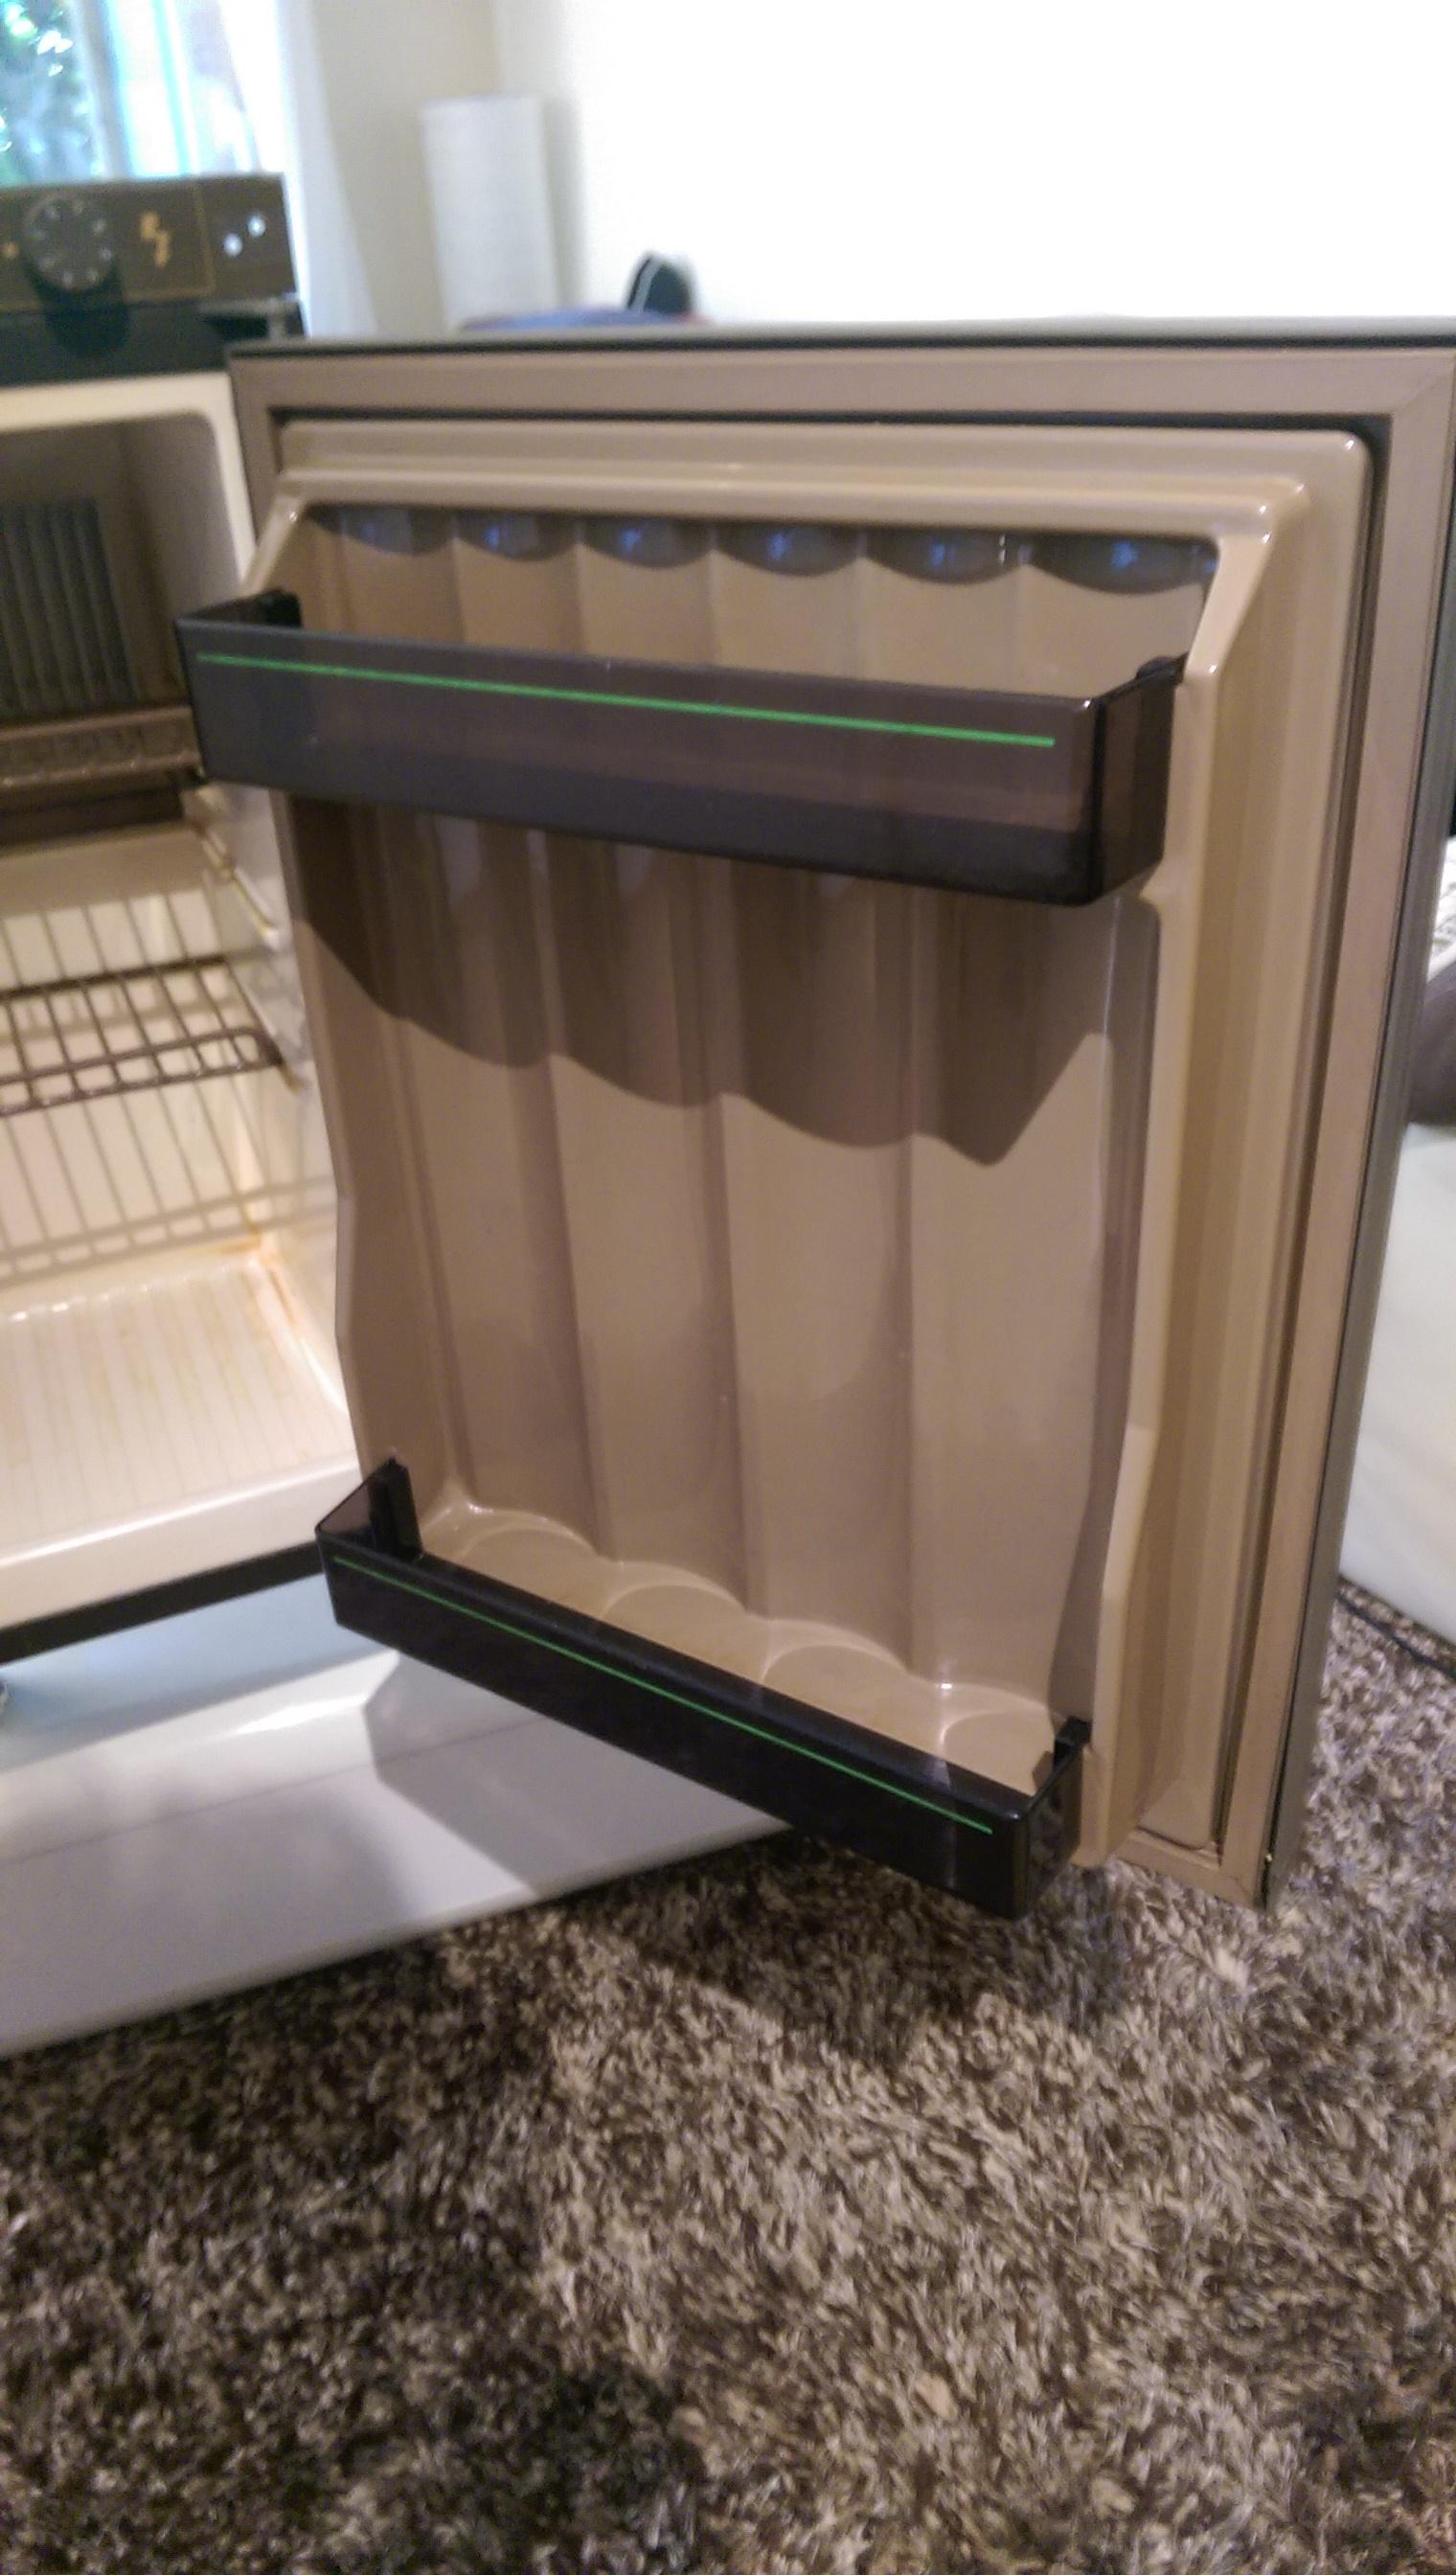 Ausgezeichnet Electrolux Kühlschrank Camping Bilder - Die besten ...